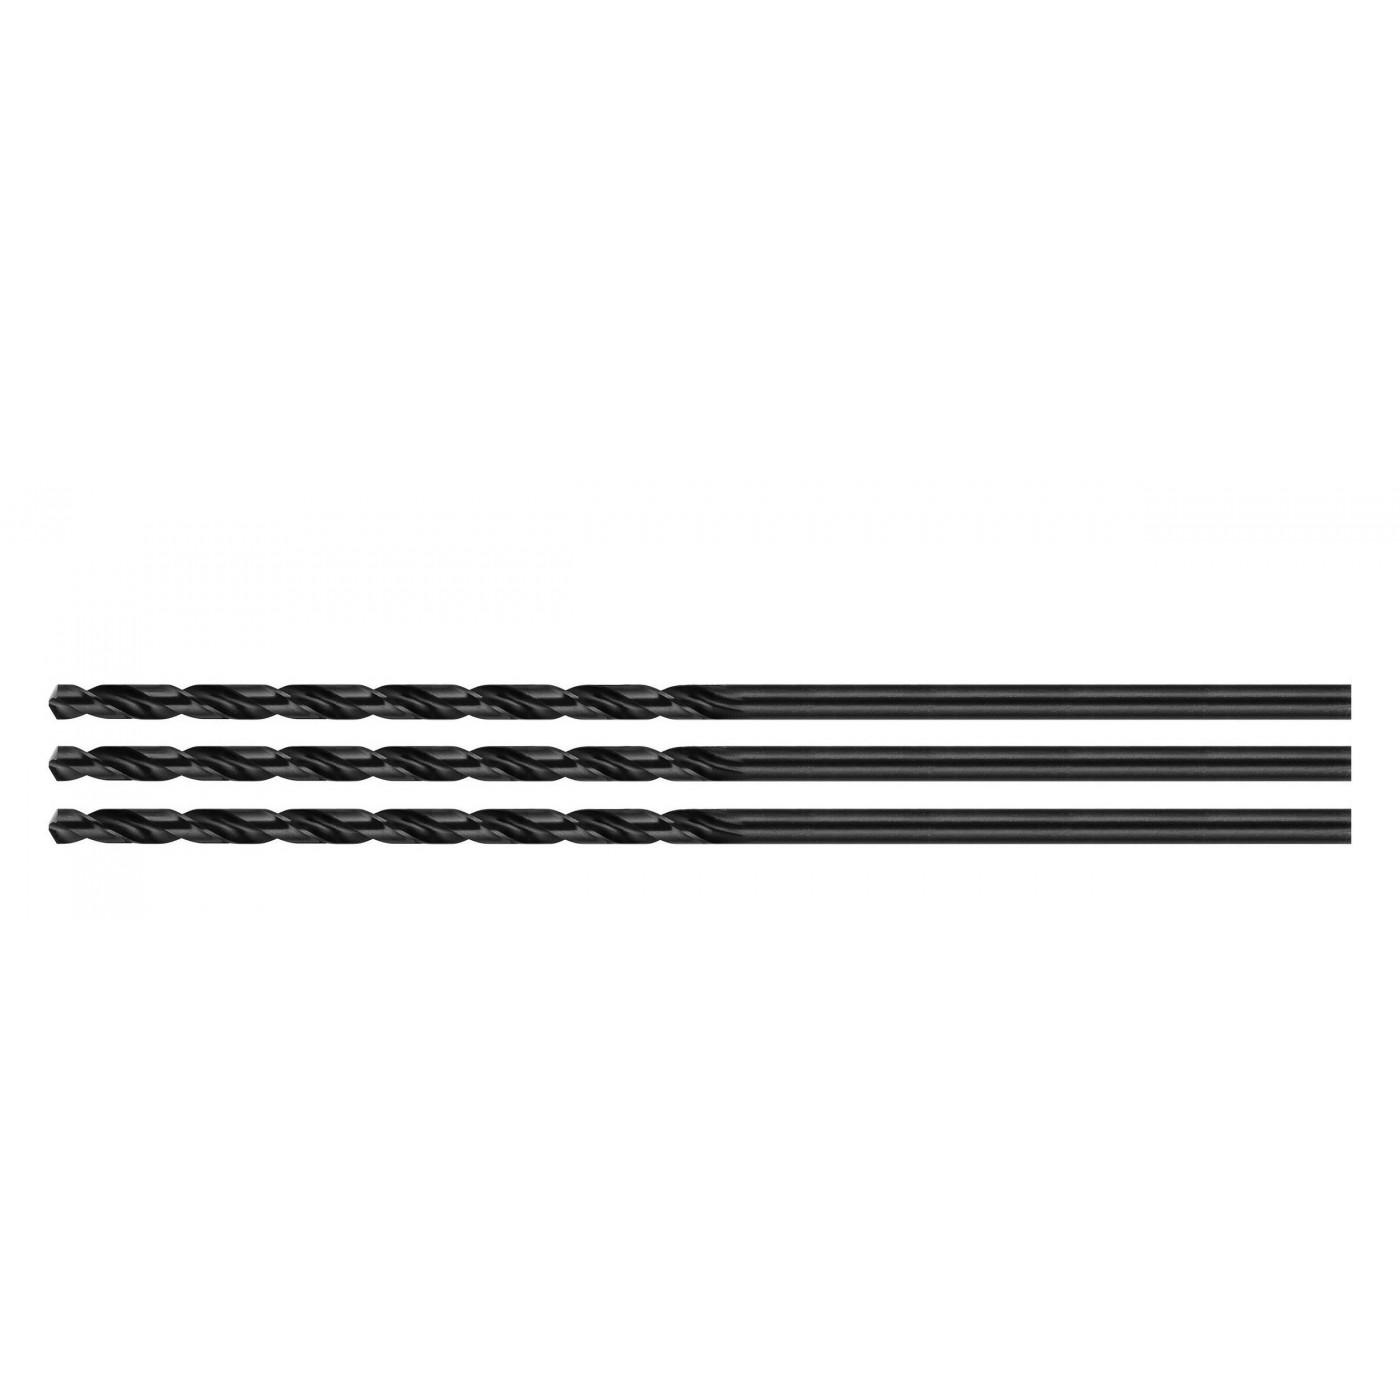 Conjunto de 3 brocas de metal, extra longas (8,0x300 mm)  - 1